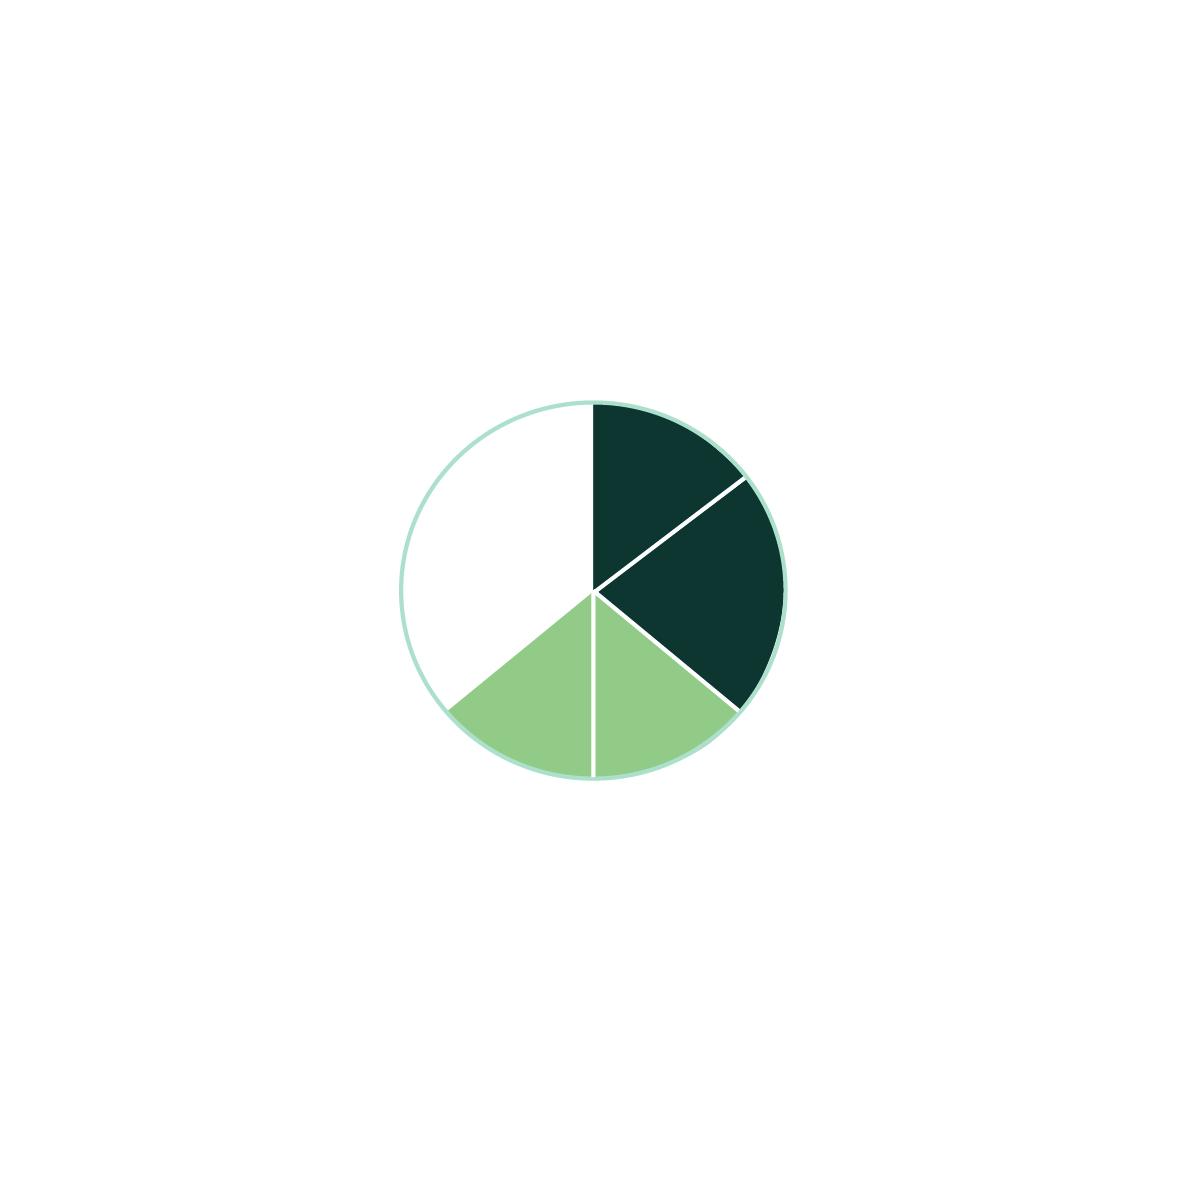 ANBUD  Prosjektet beskrives inngående og anbudsdokumenter utarbeides. Dokumentene sendes til aktuelle utførende med gitt tidsfrist. Om ønskelig kan vi på vegne av kunden fremforhandle avtale med utførende (entreprenører).